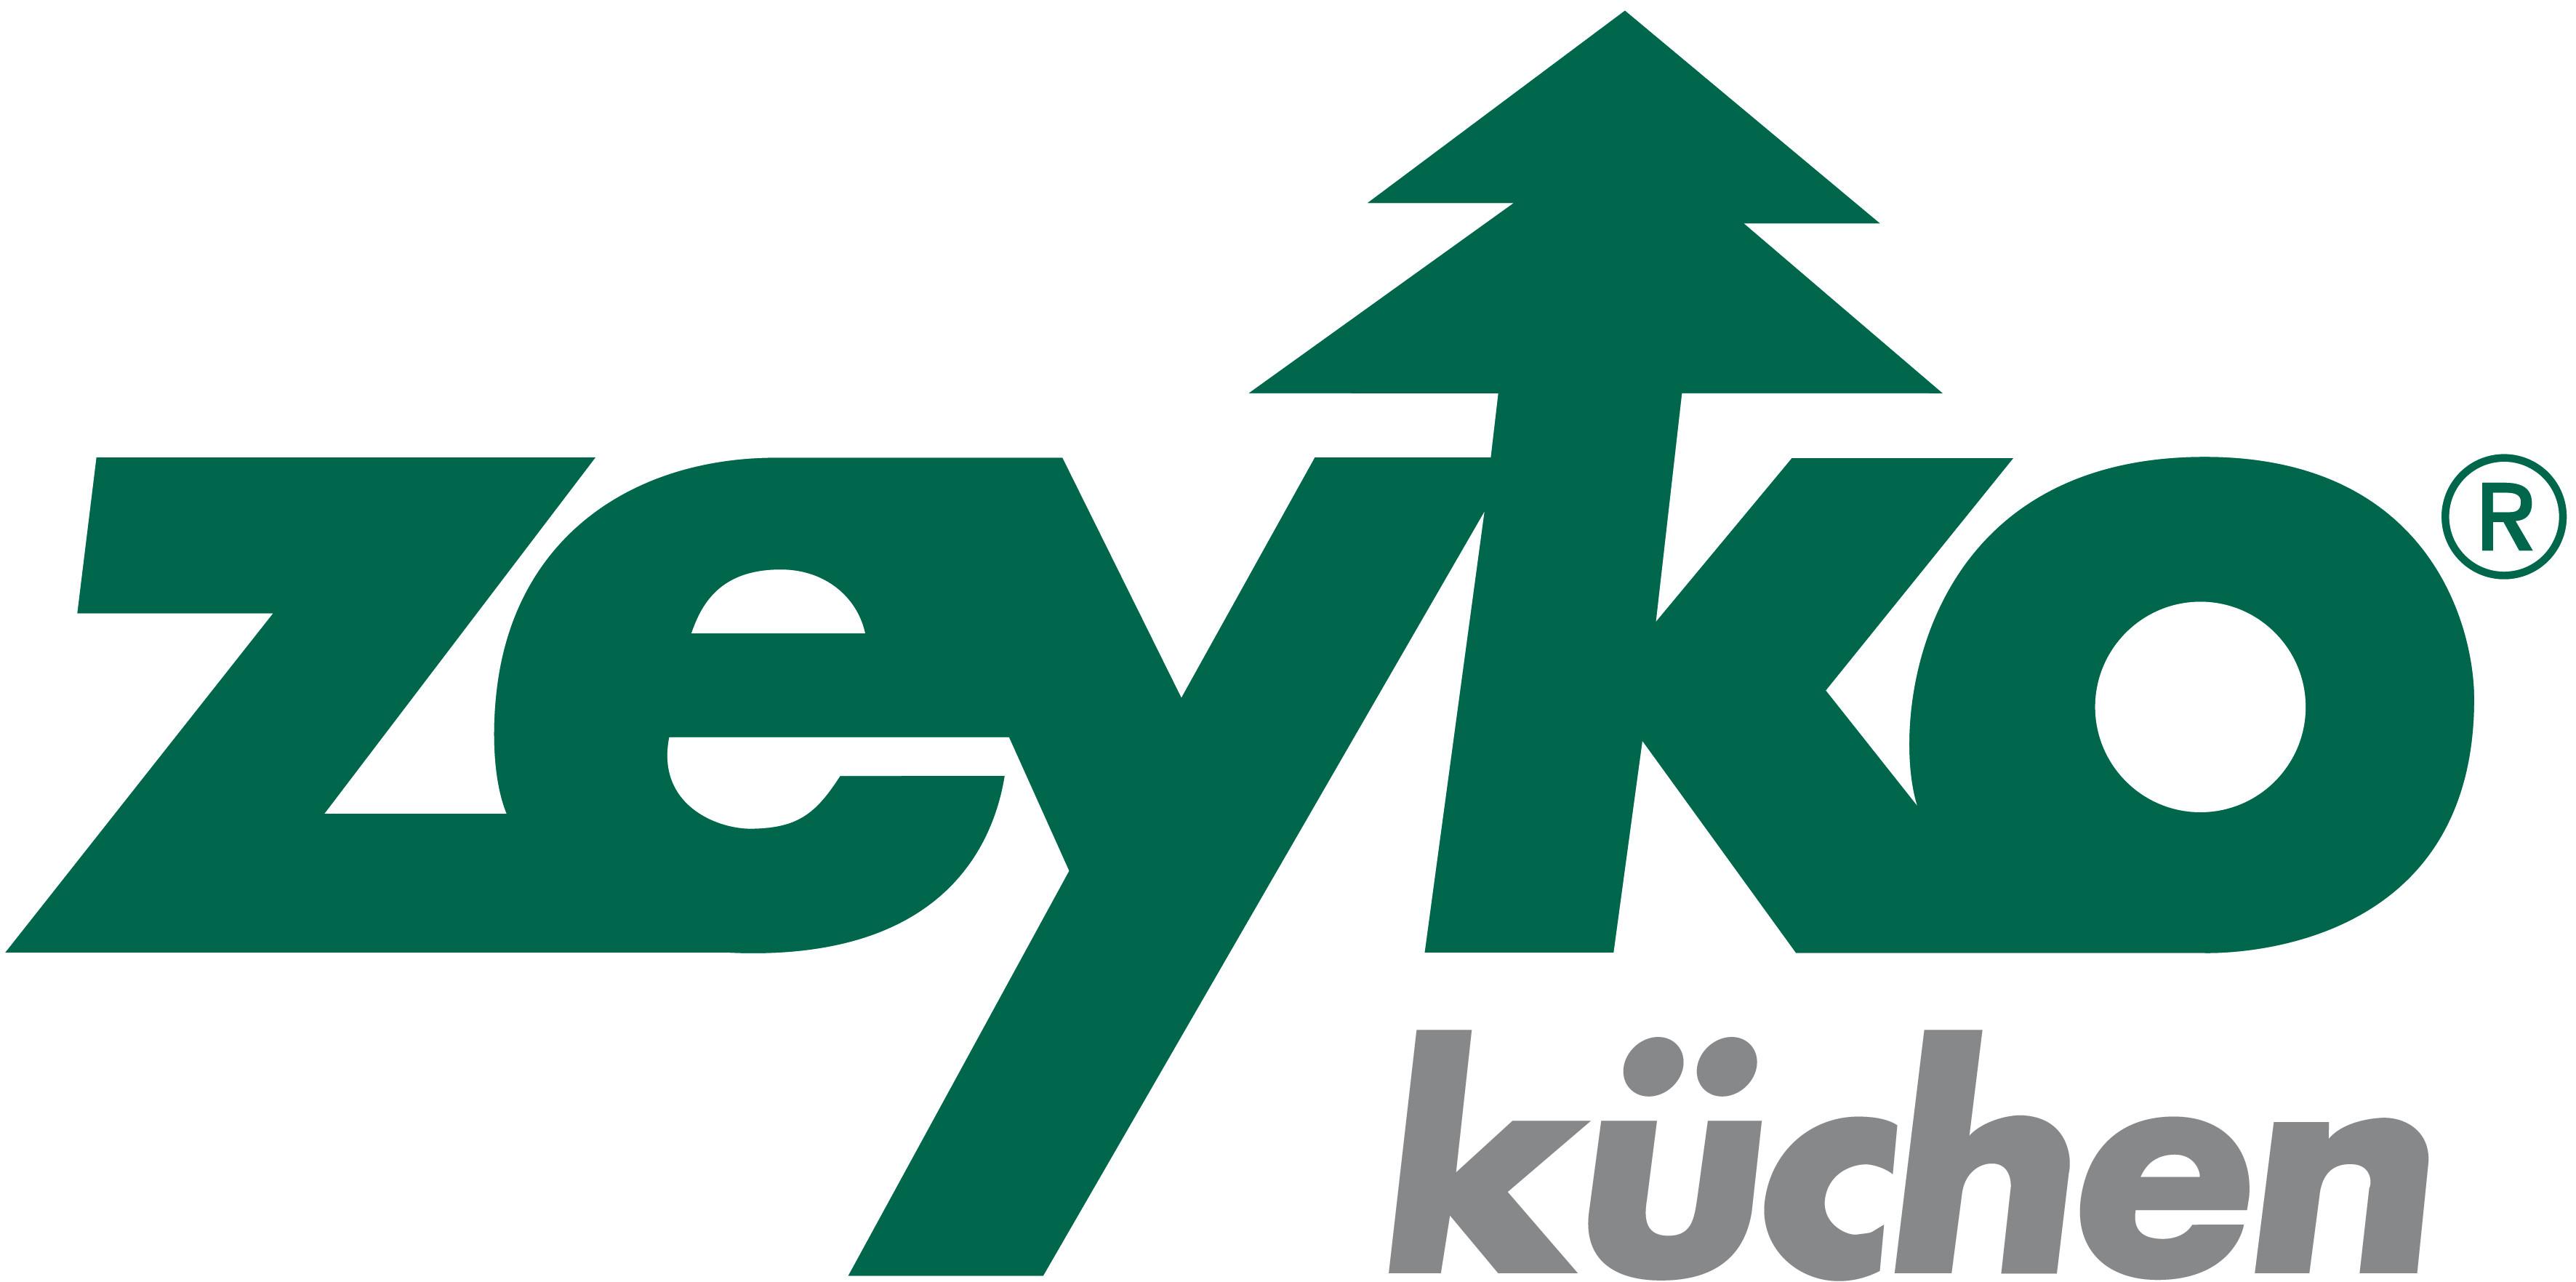 schenk-wohnen-partner-zeyko_kuechen